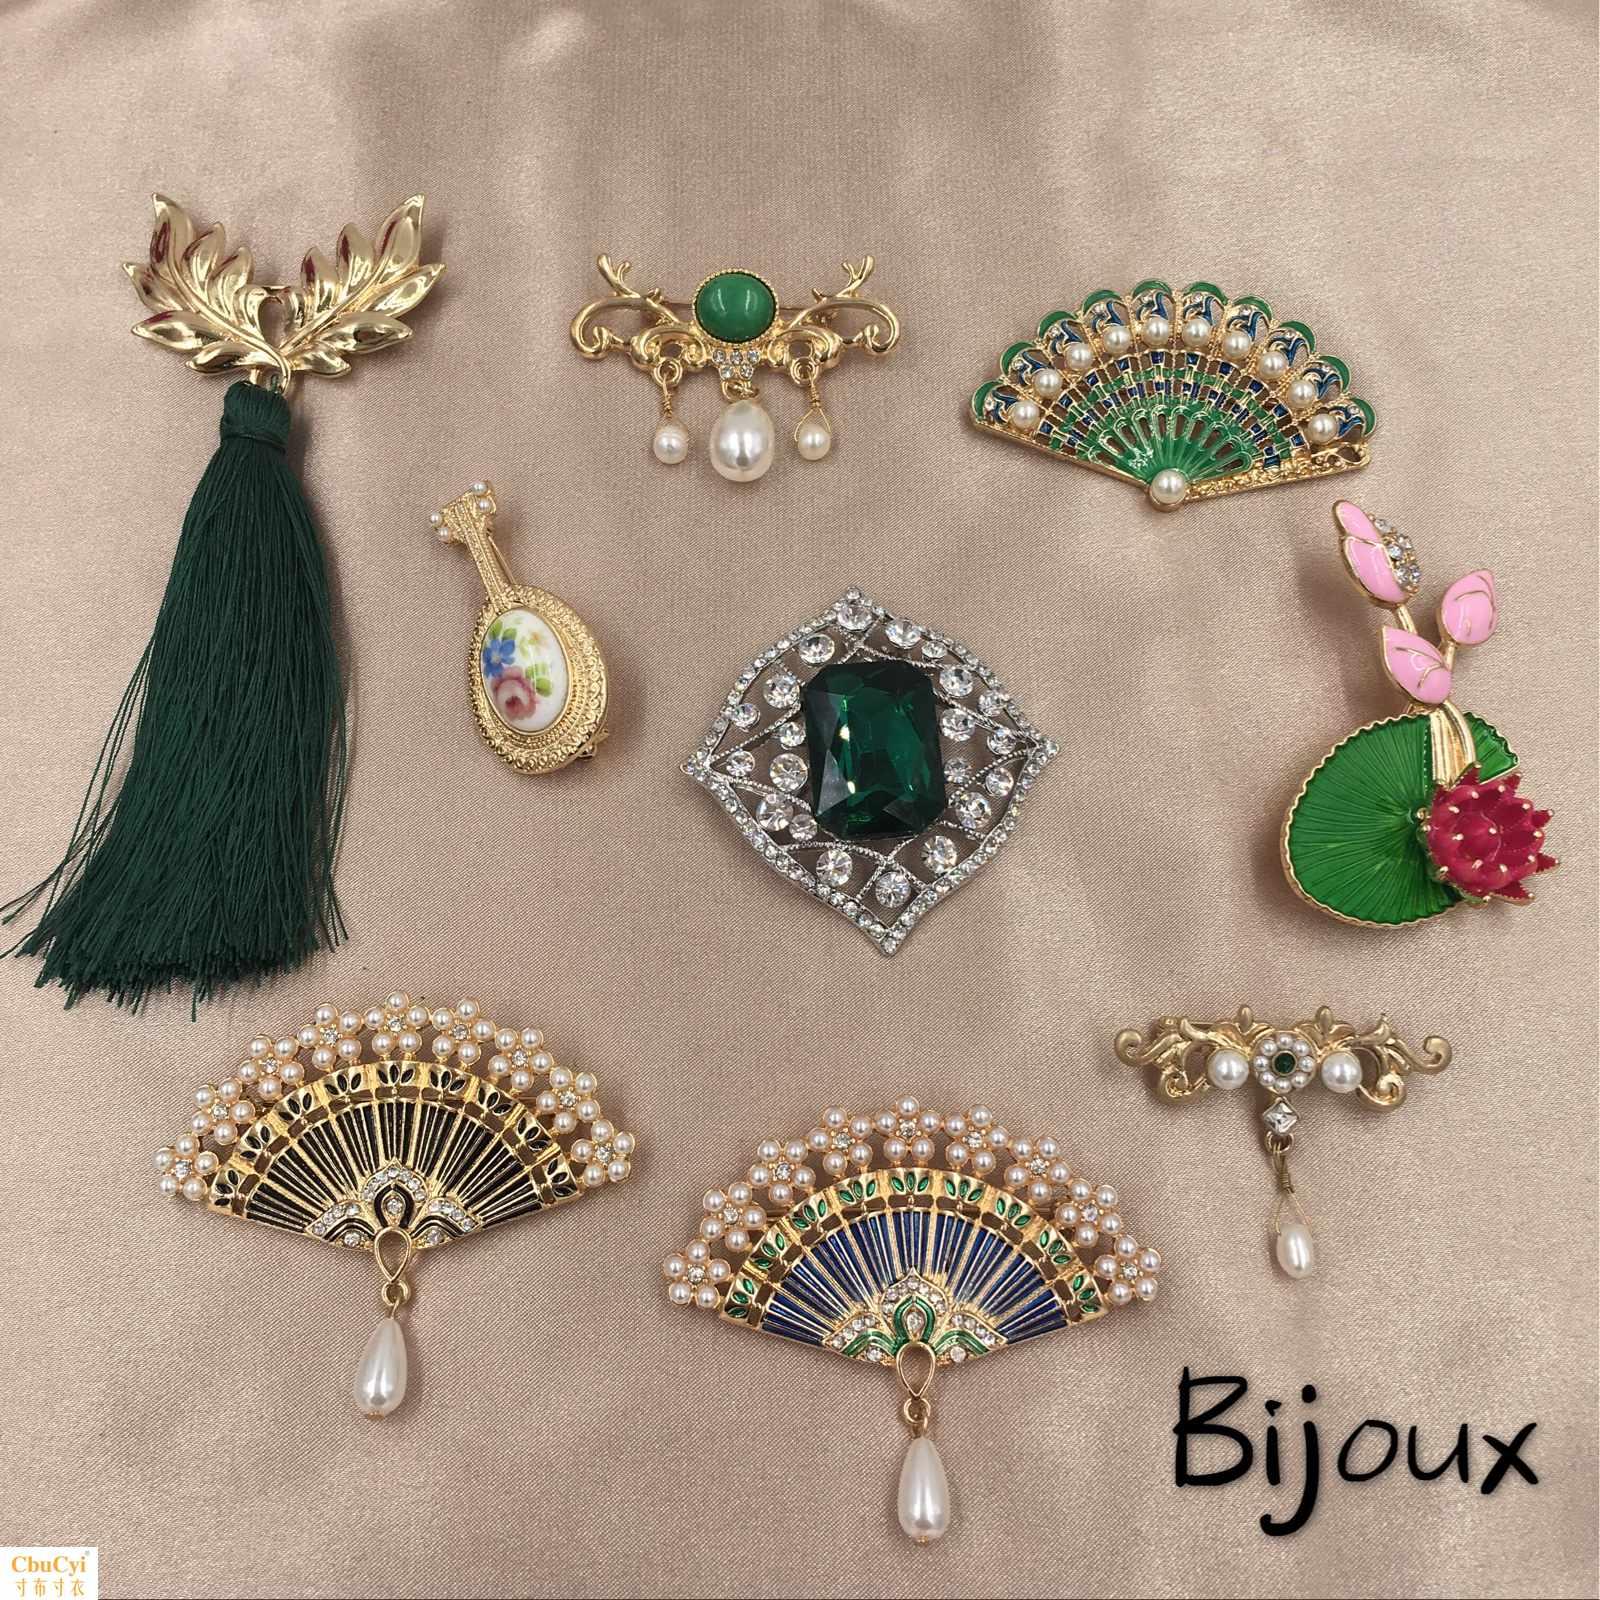 复古中国风绿色宝石马来玉珍珠扇子流苏荷花琵琶个性别针胸针